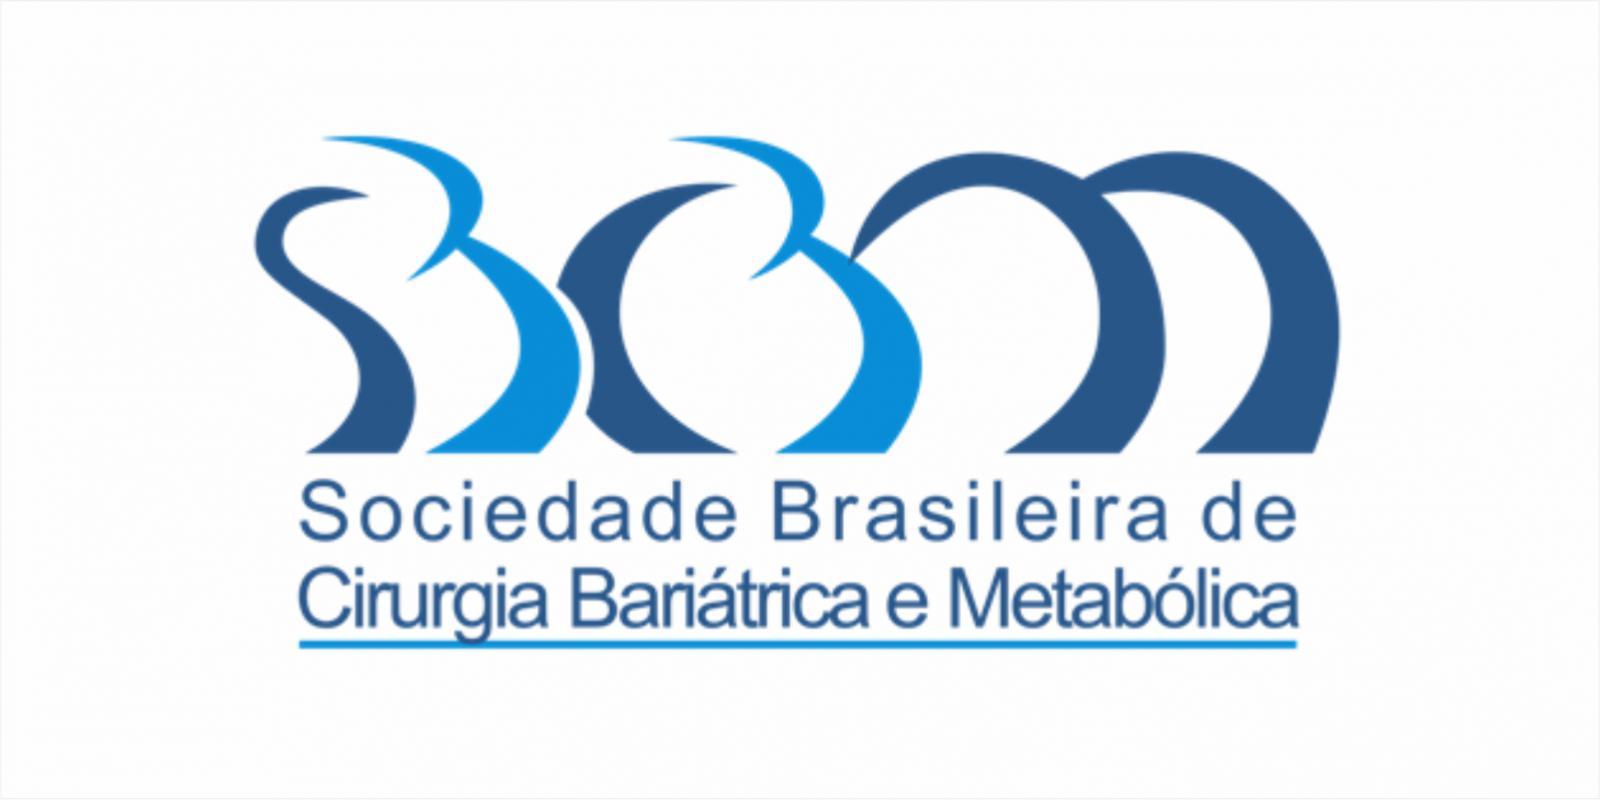 Sociedade Brasileira de Cirurgia Bariátrica e Metabólica